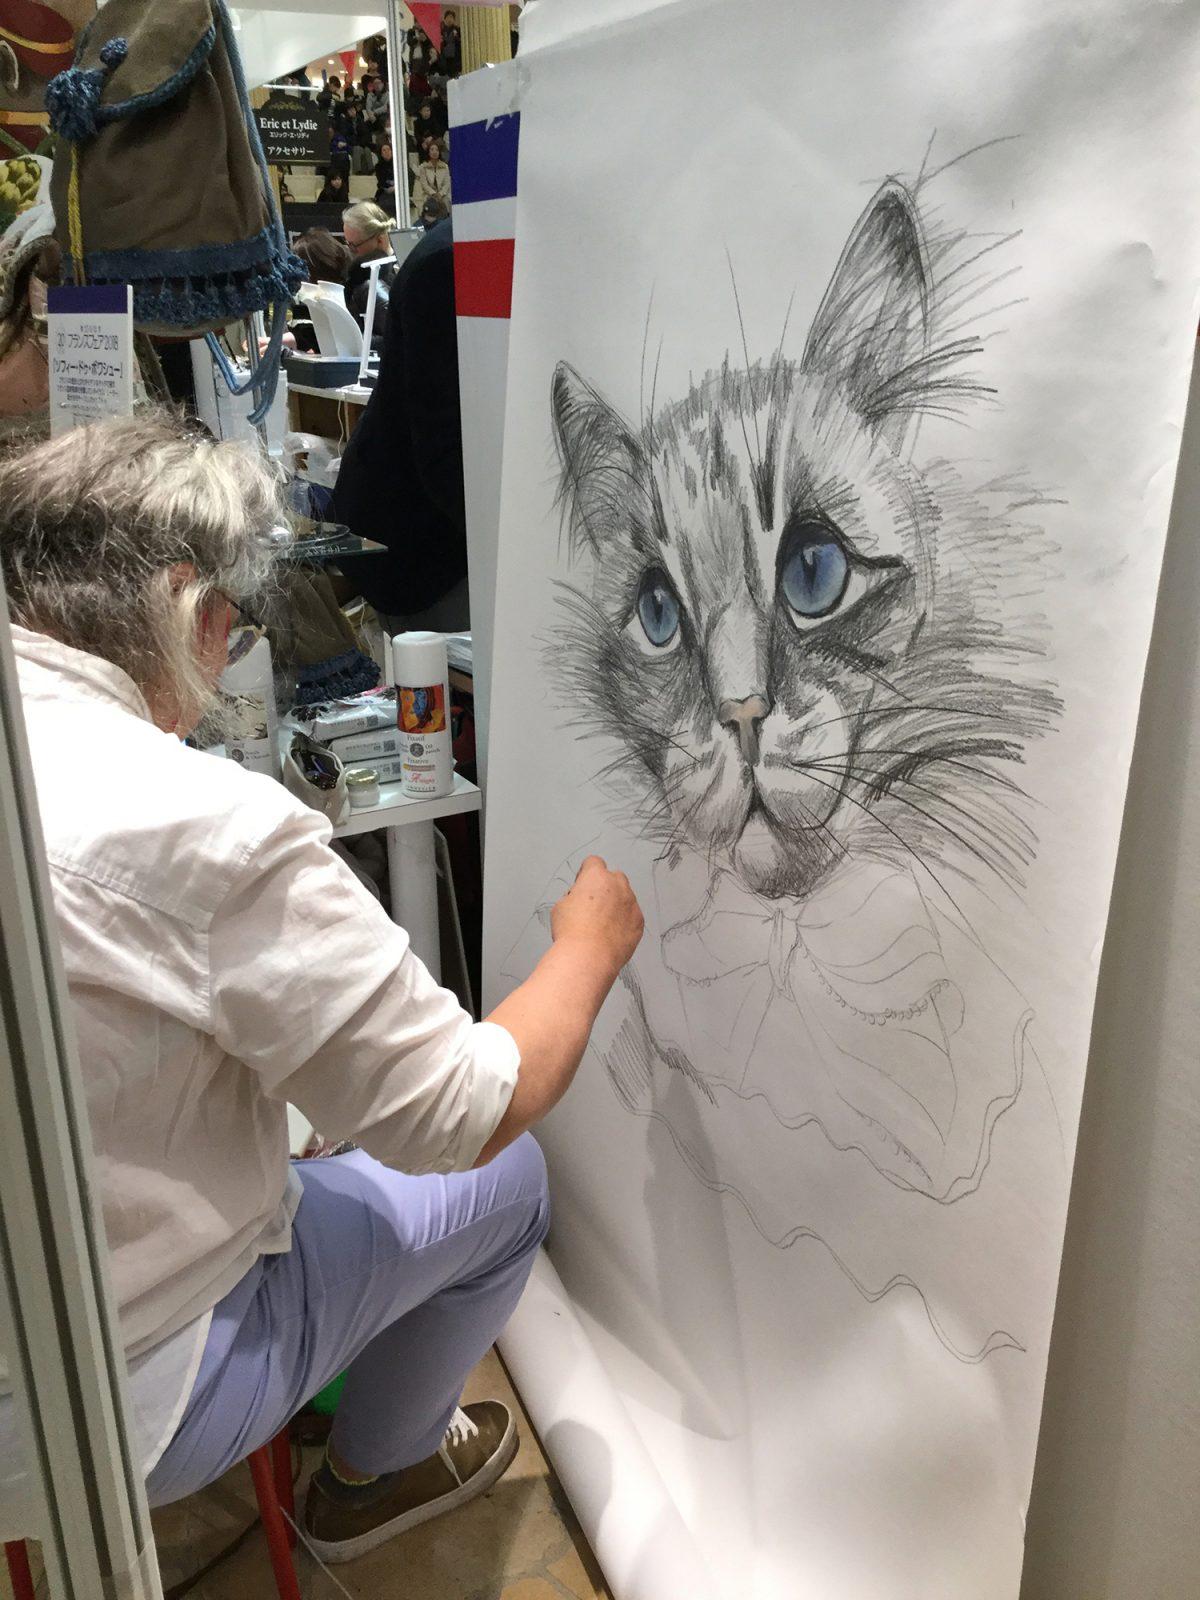 Grand portrait sophie de boissieu hankyu chat